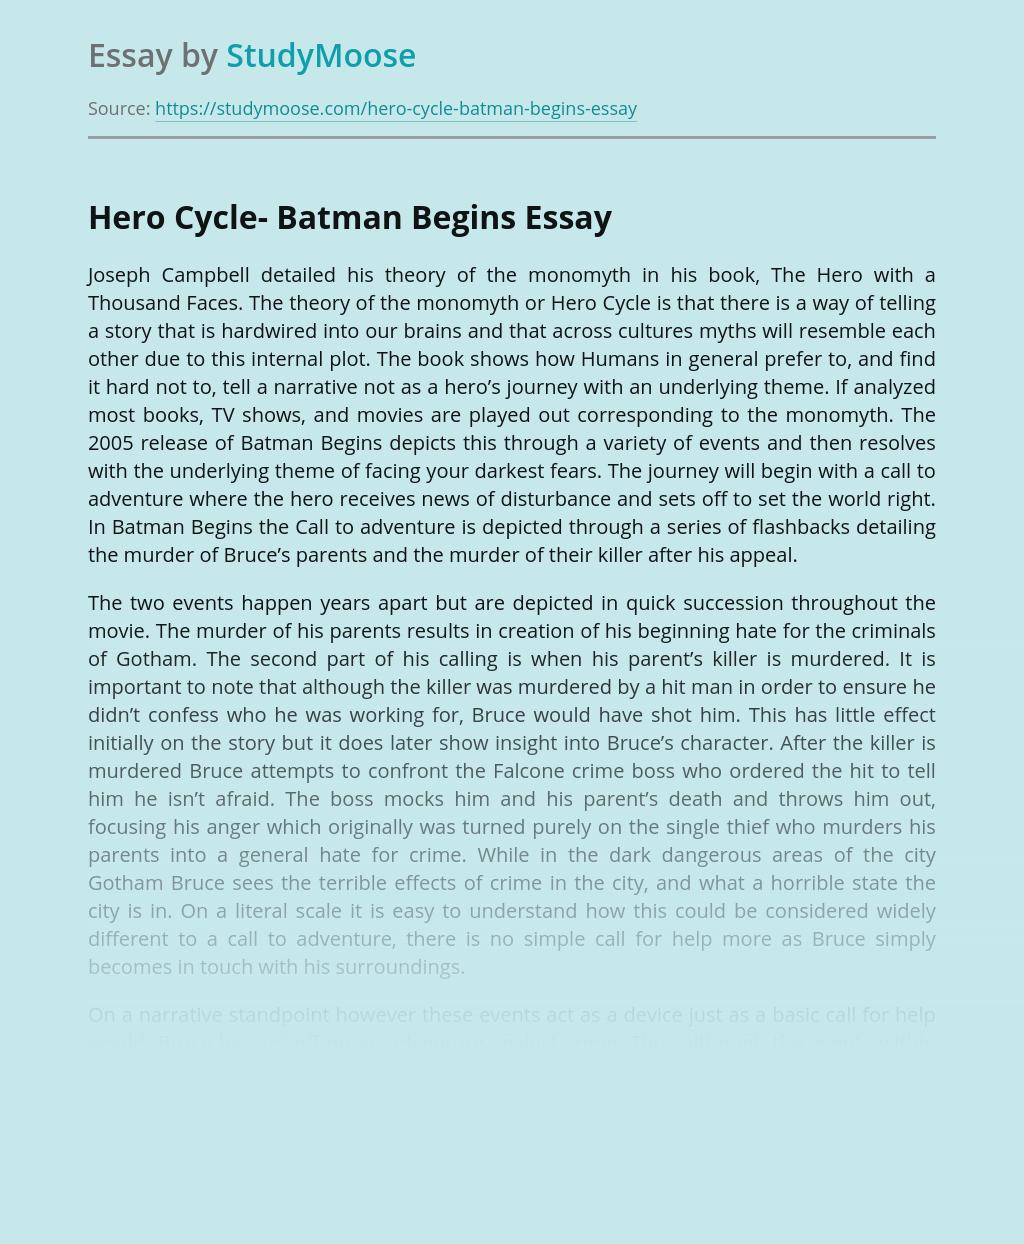 Hero Cycle- Batman Begins